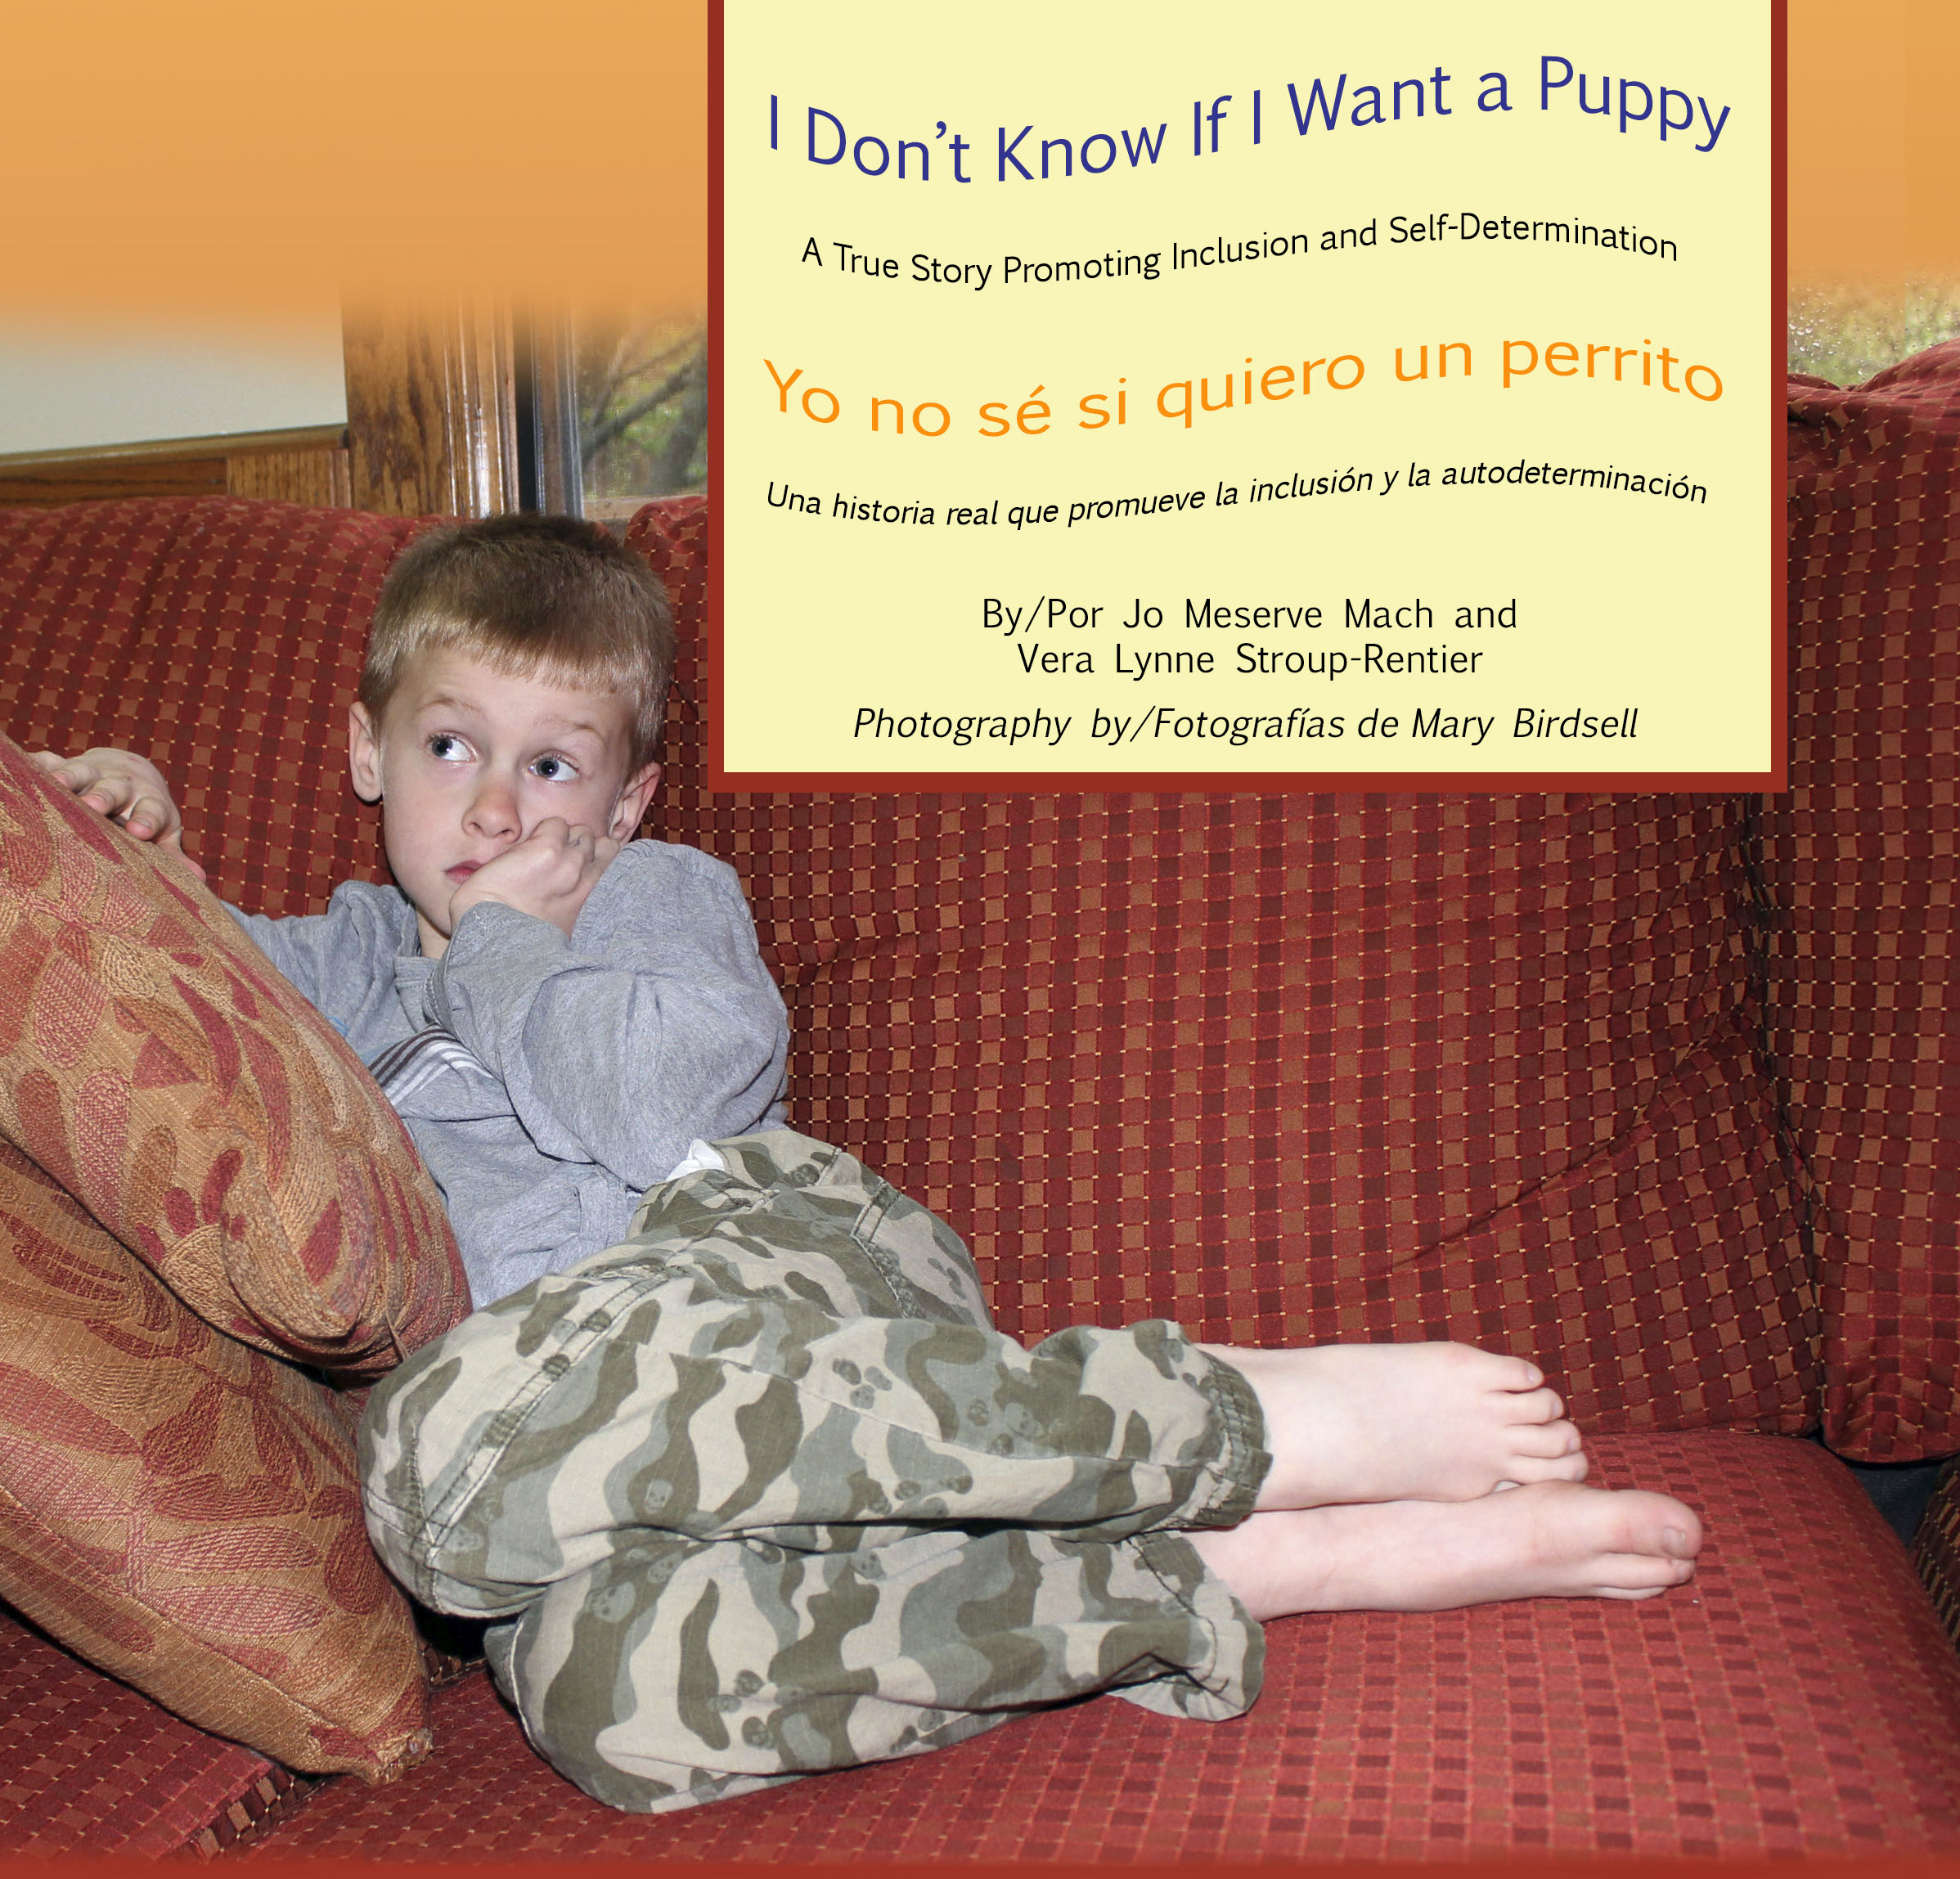 I Don't Know If I Want a Puppy/Yo no sé si quiero un perrito